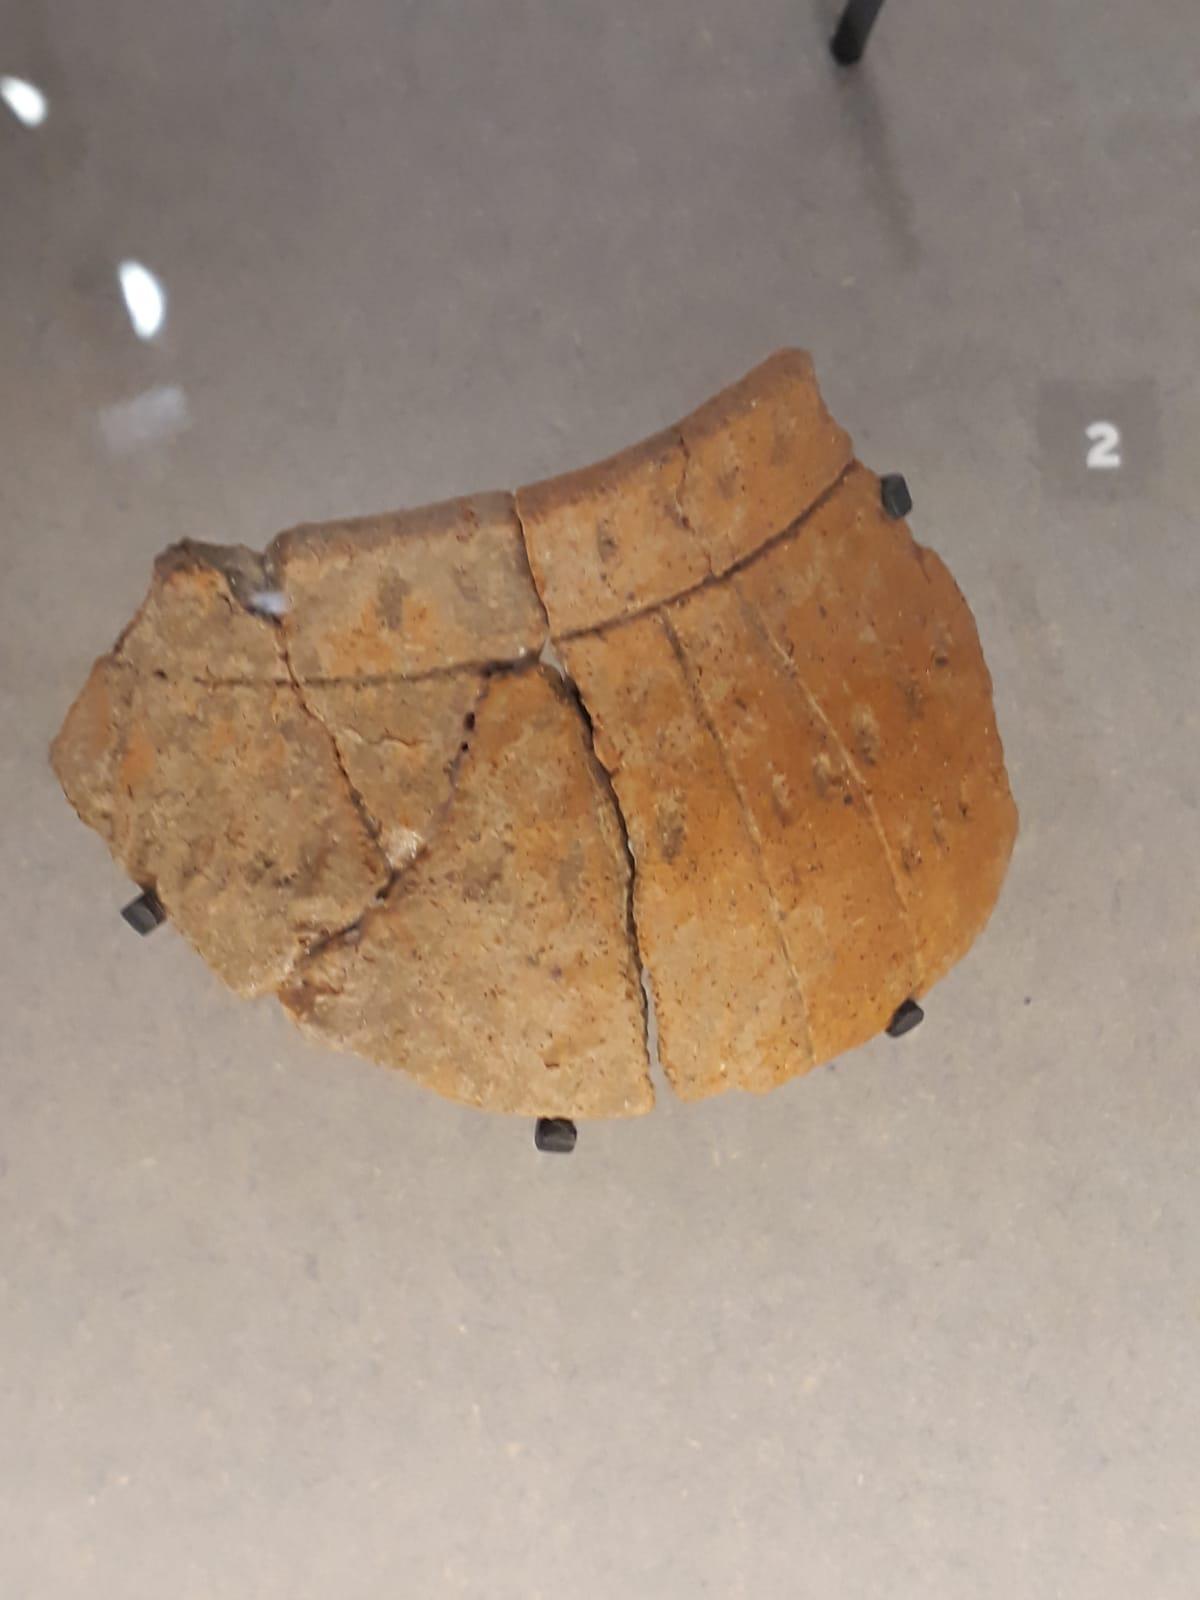 L'arrivée des colons venus du Sud de l'Alsace et de la Moselle ont apporté leur savoir faire, notamment la céramique rubanée. Une technique jusque là inconnue dans la région. (Des rubans de terre cuite accolés pour former vases, jarres...)